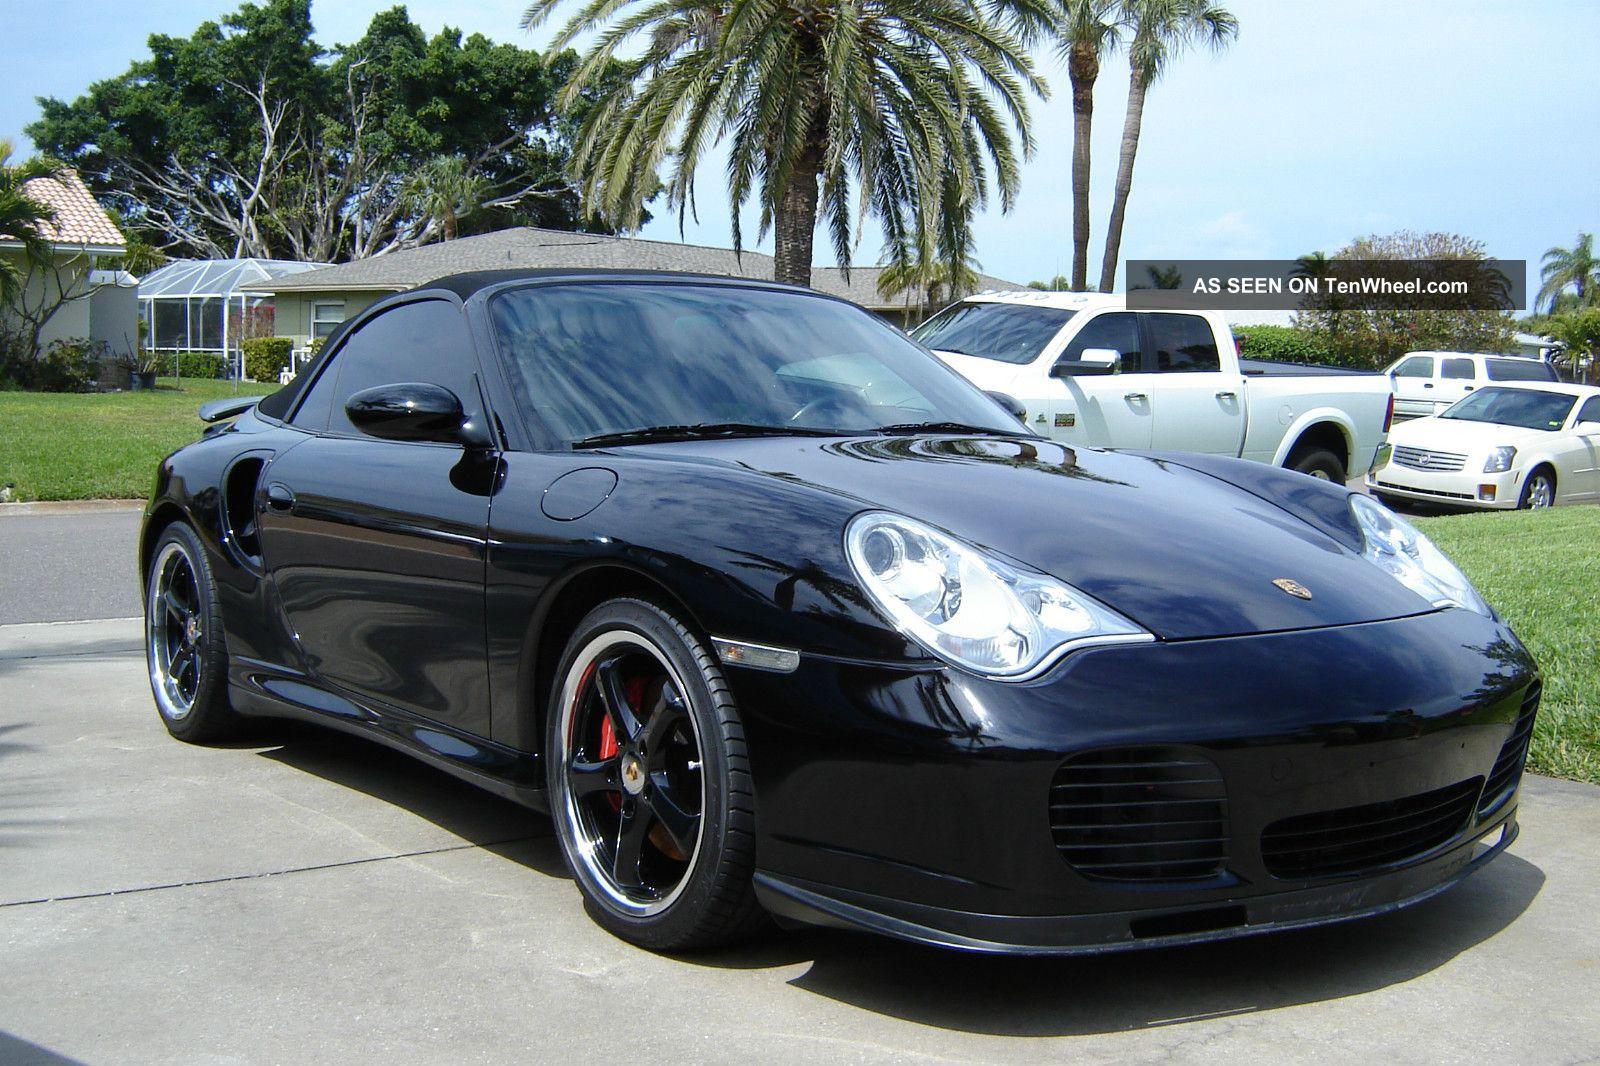 2004 Porsche 911 Turbo Cab 6 Speed